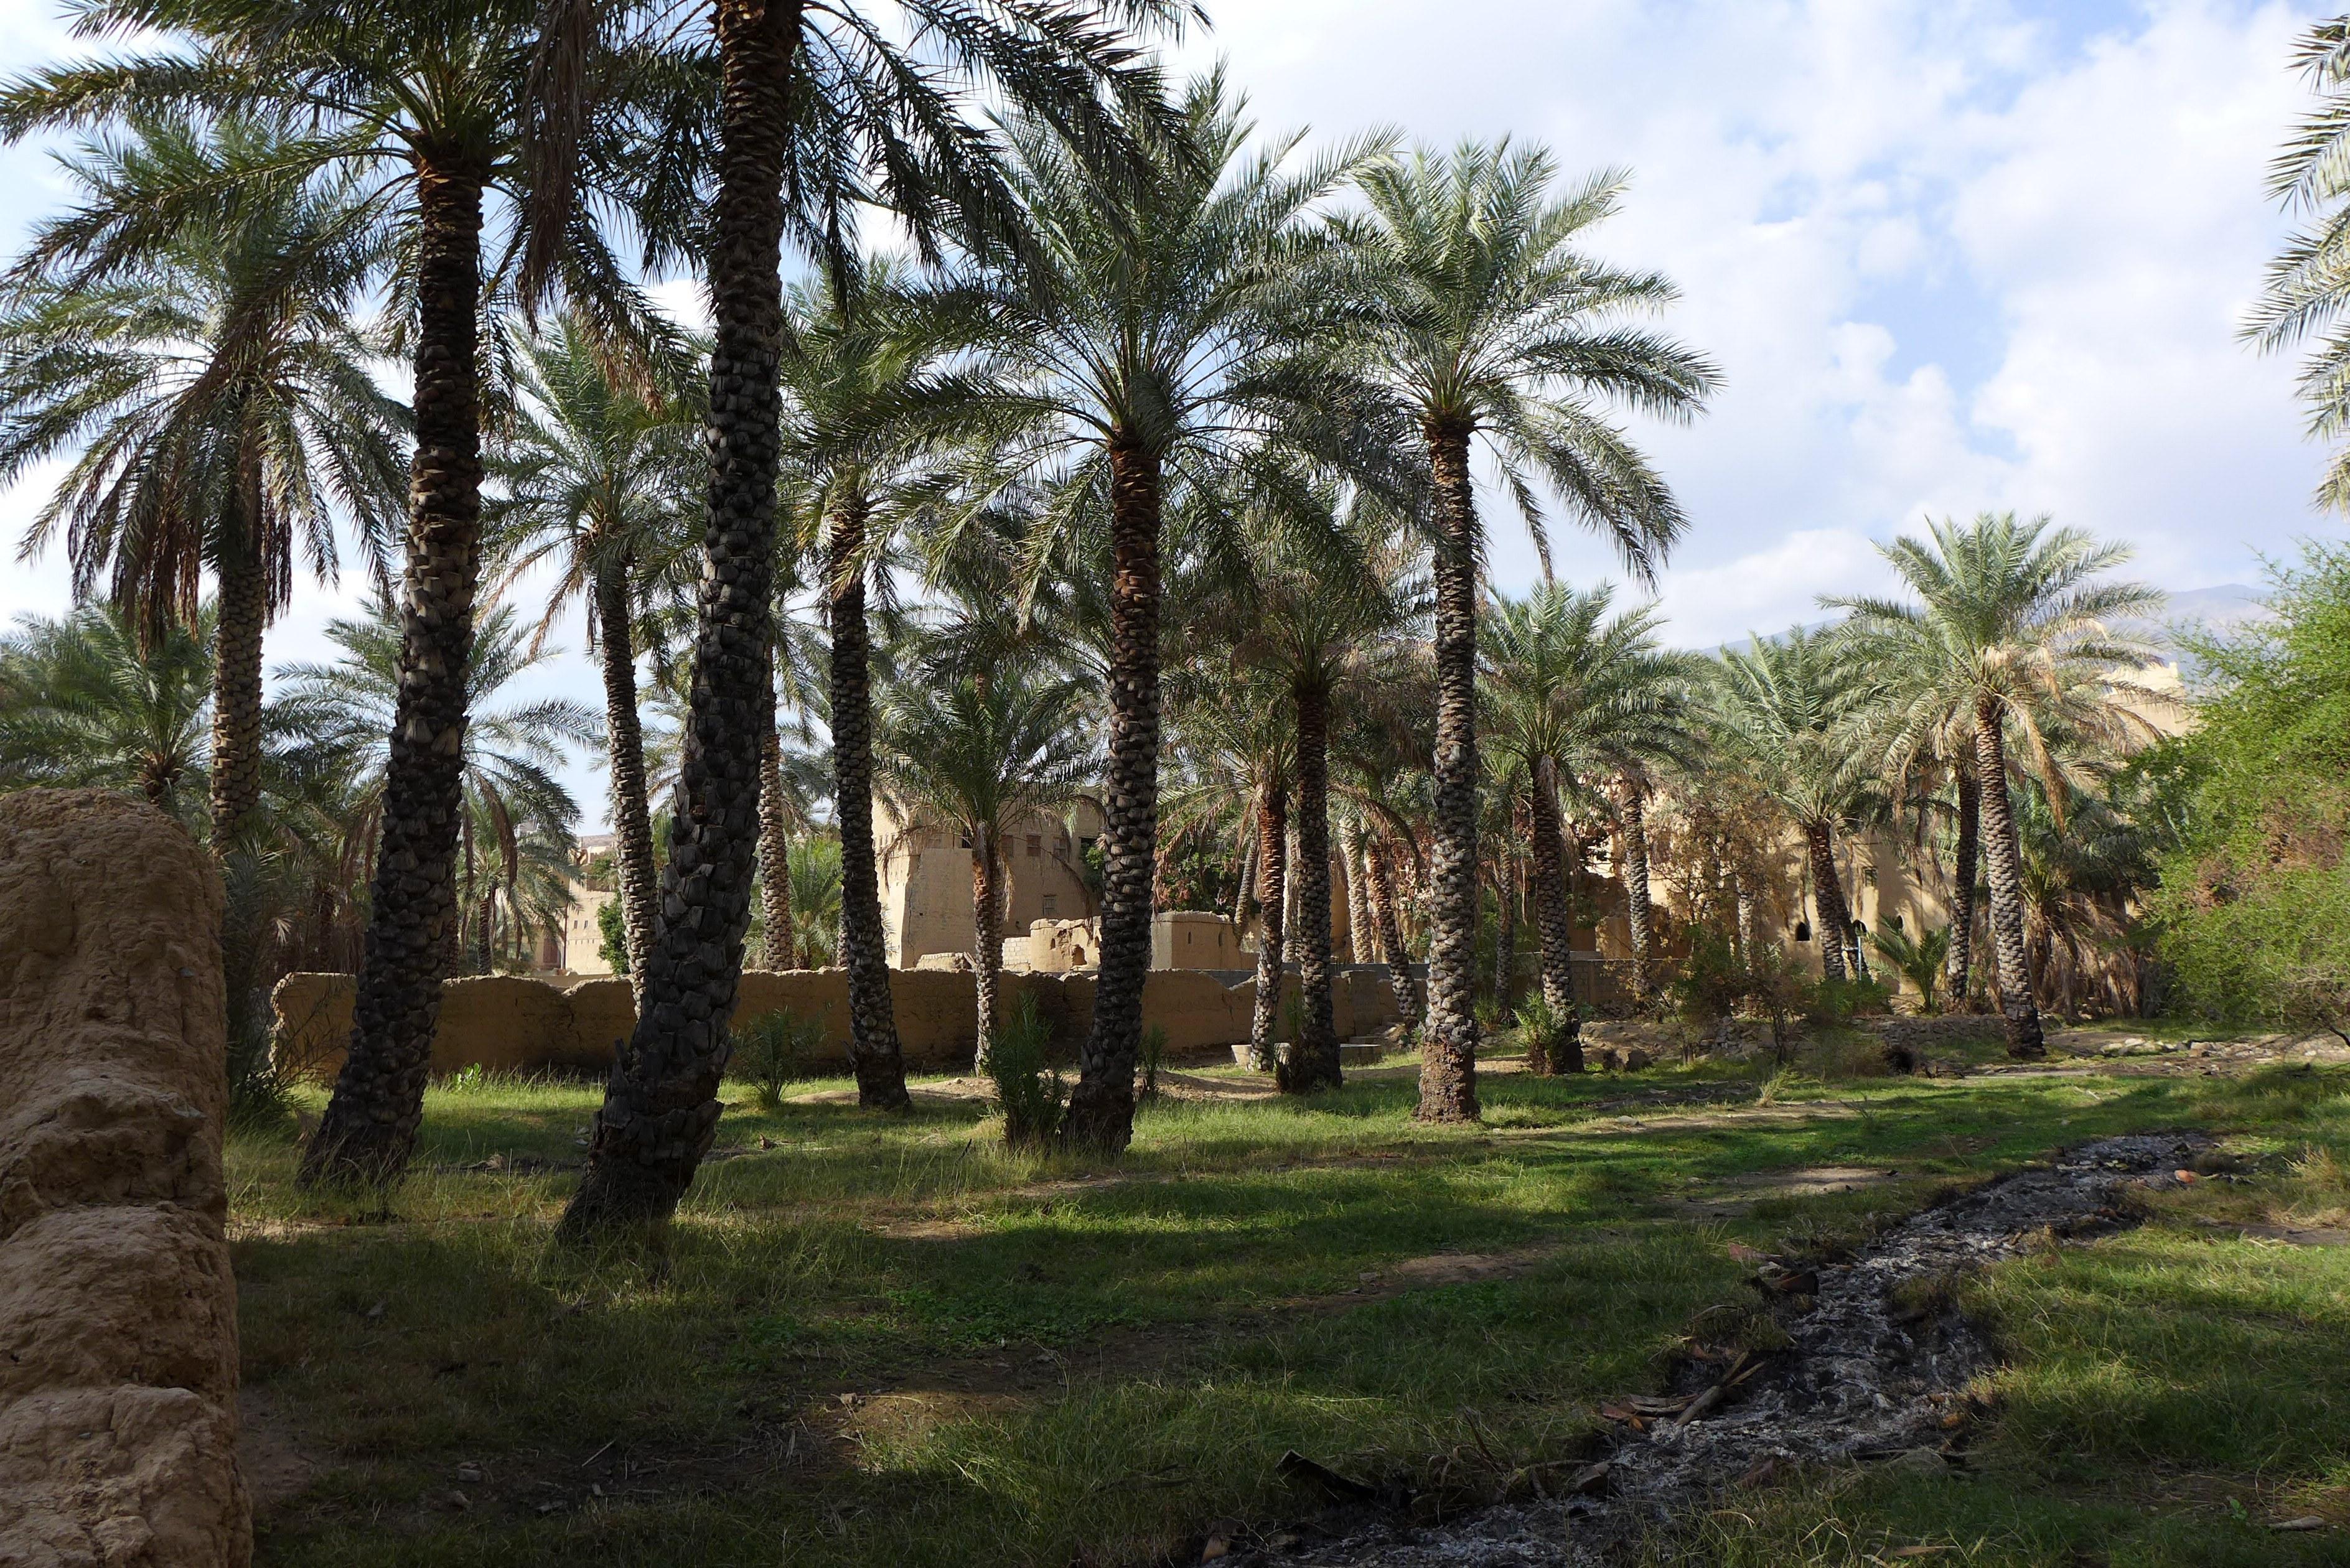 Das Dorf bietet sich für einen Spaziergang an, denn die vielen Palmen bieten Schatten entlang der Gärten.